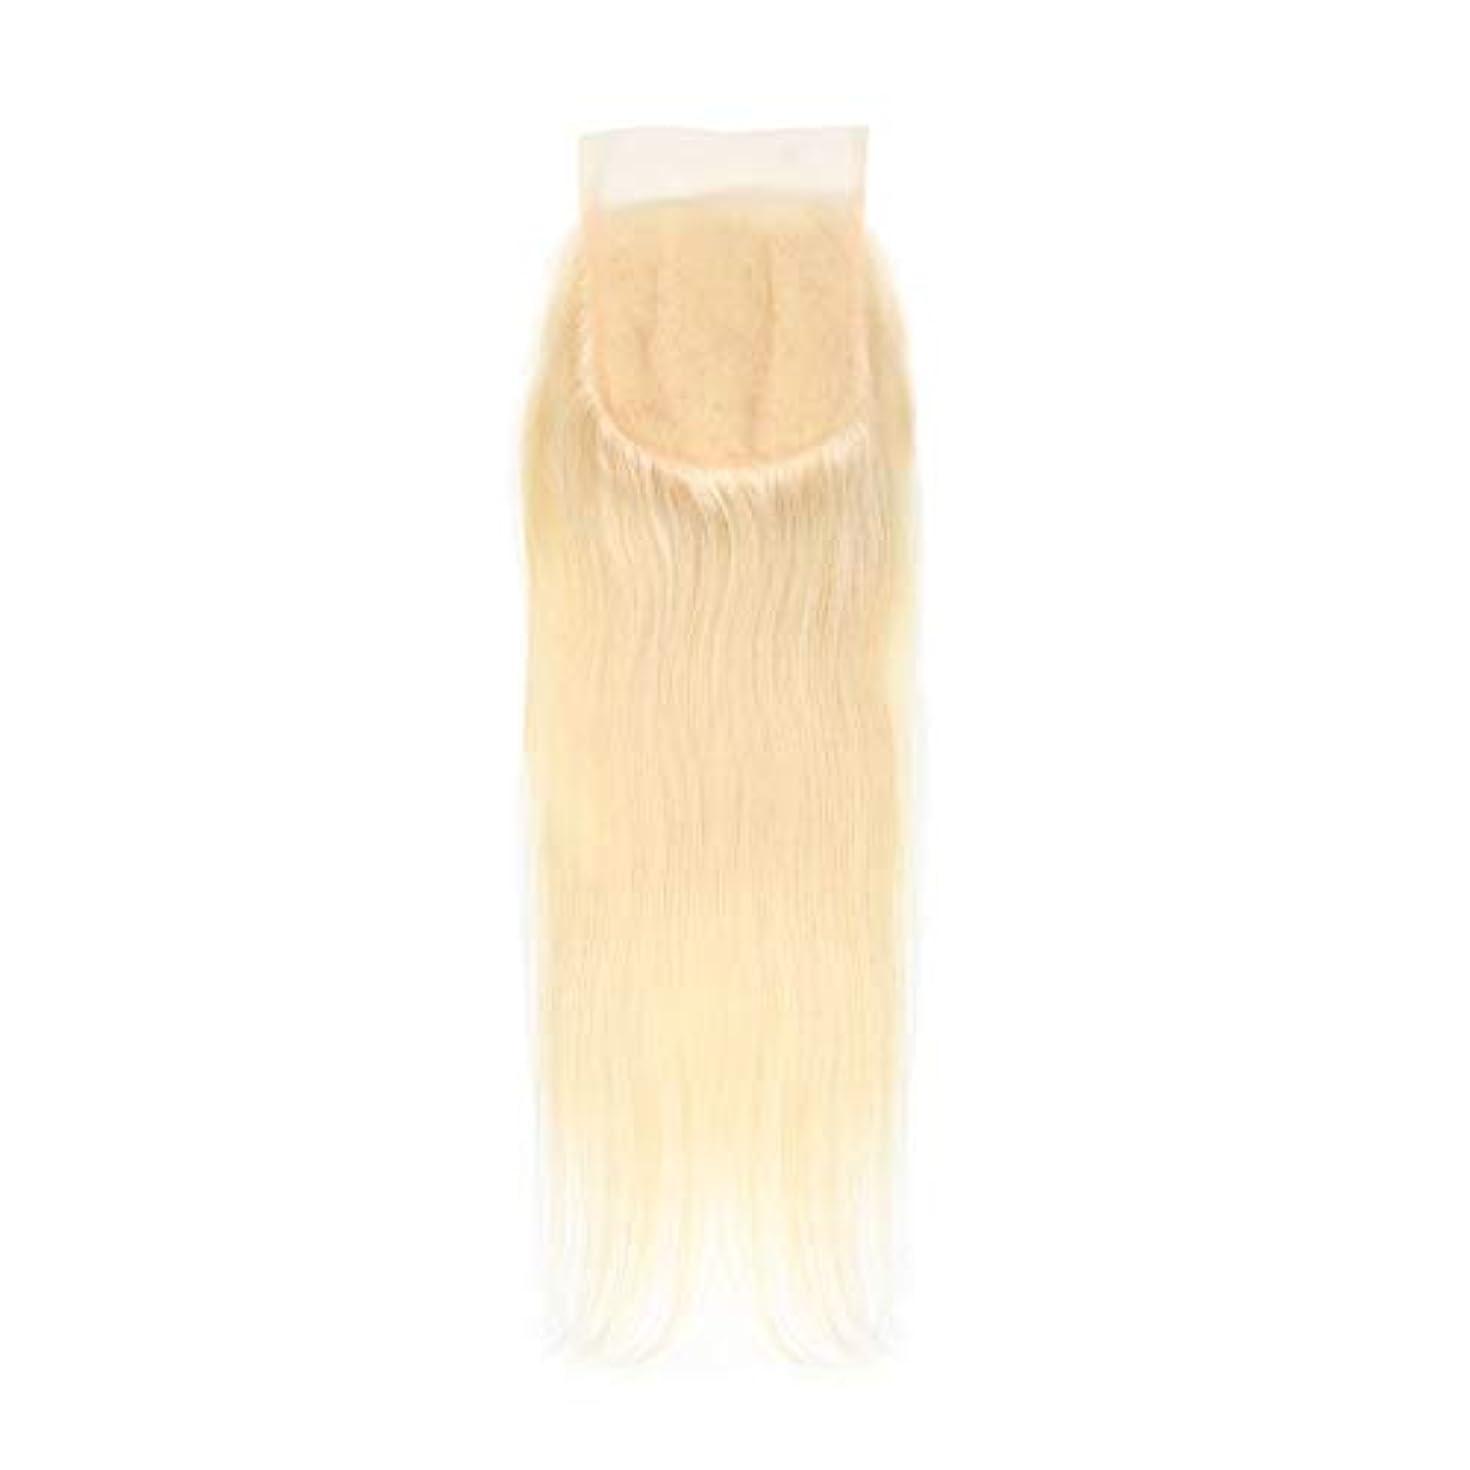 ビザ必需品第九SRY-Wigファッション 女性のためのファッションレースフロントかつらロングストレートブロンド合成かつらミックスブロンド側別れ耐熱髪かつら (Color : 白, Size : 16inch)